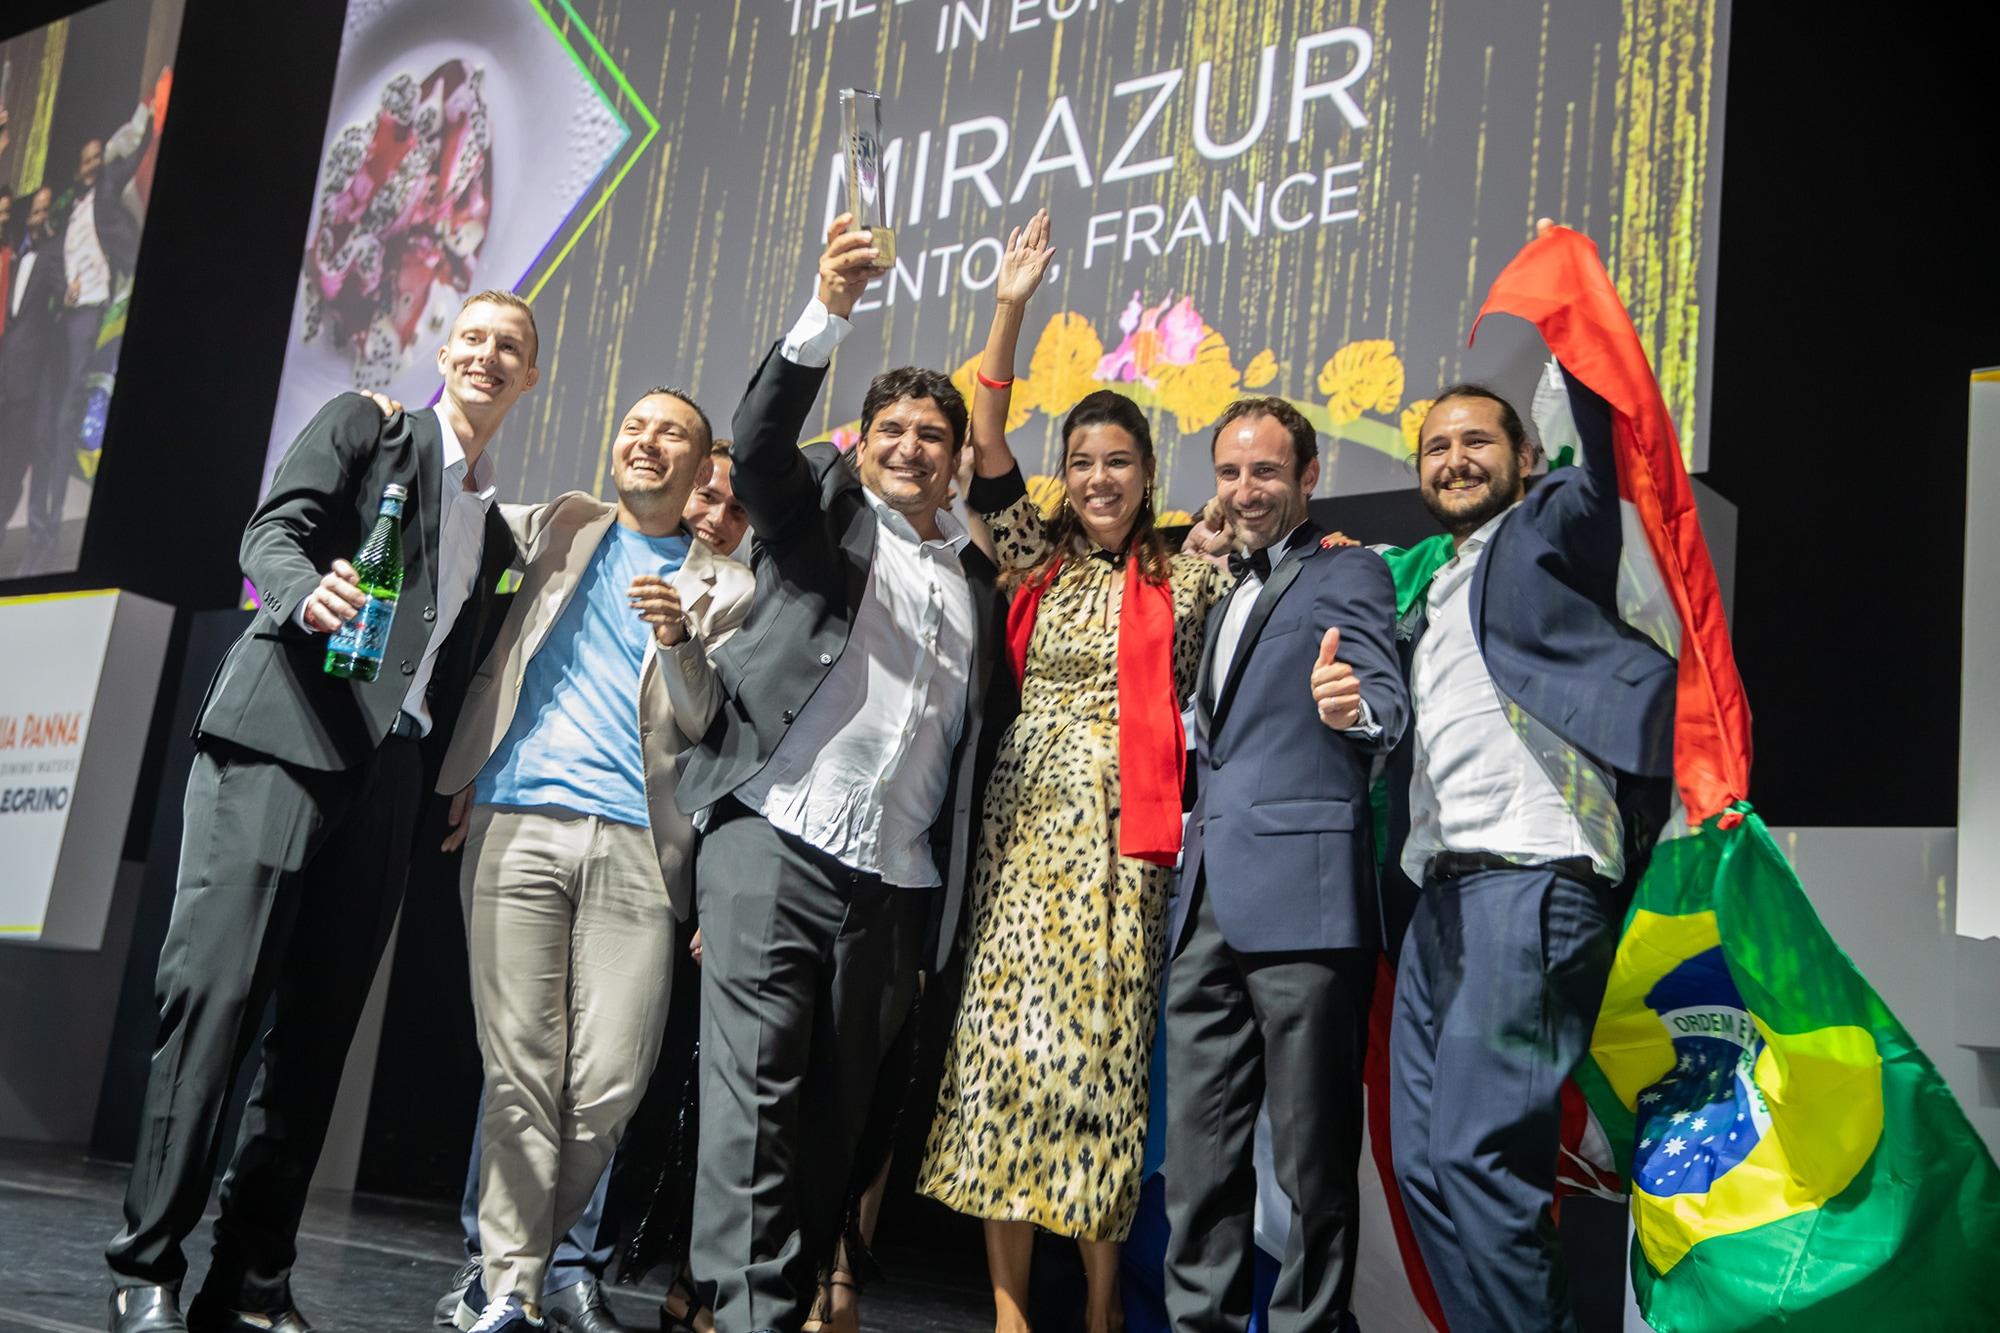 2019年6月、シンガポールで開催された2019年版「世界のベストレストラン50」で1位になった「ミラズール」のチーム。アルゼンチン・ブラジル・フランス・イタリアの4ヵ国の国旗を縫い合わせた旗を持って登壇した。右はスーシェフで、今回の来日にもコラグレコに帯同したLuca Mattioli(ルカ・マッティオリ)。